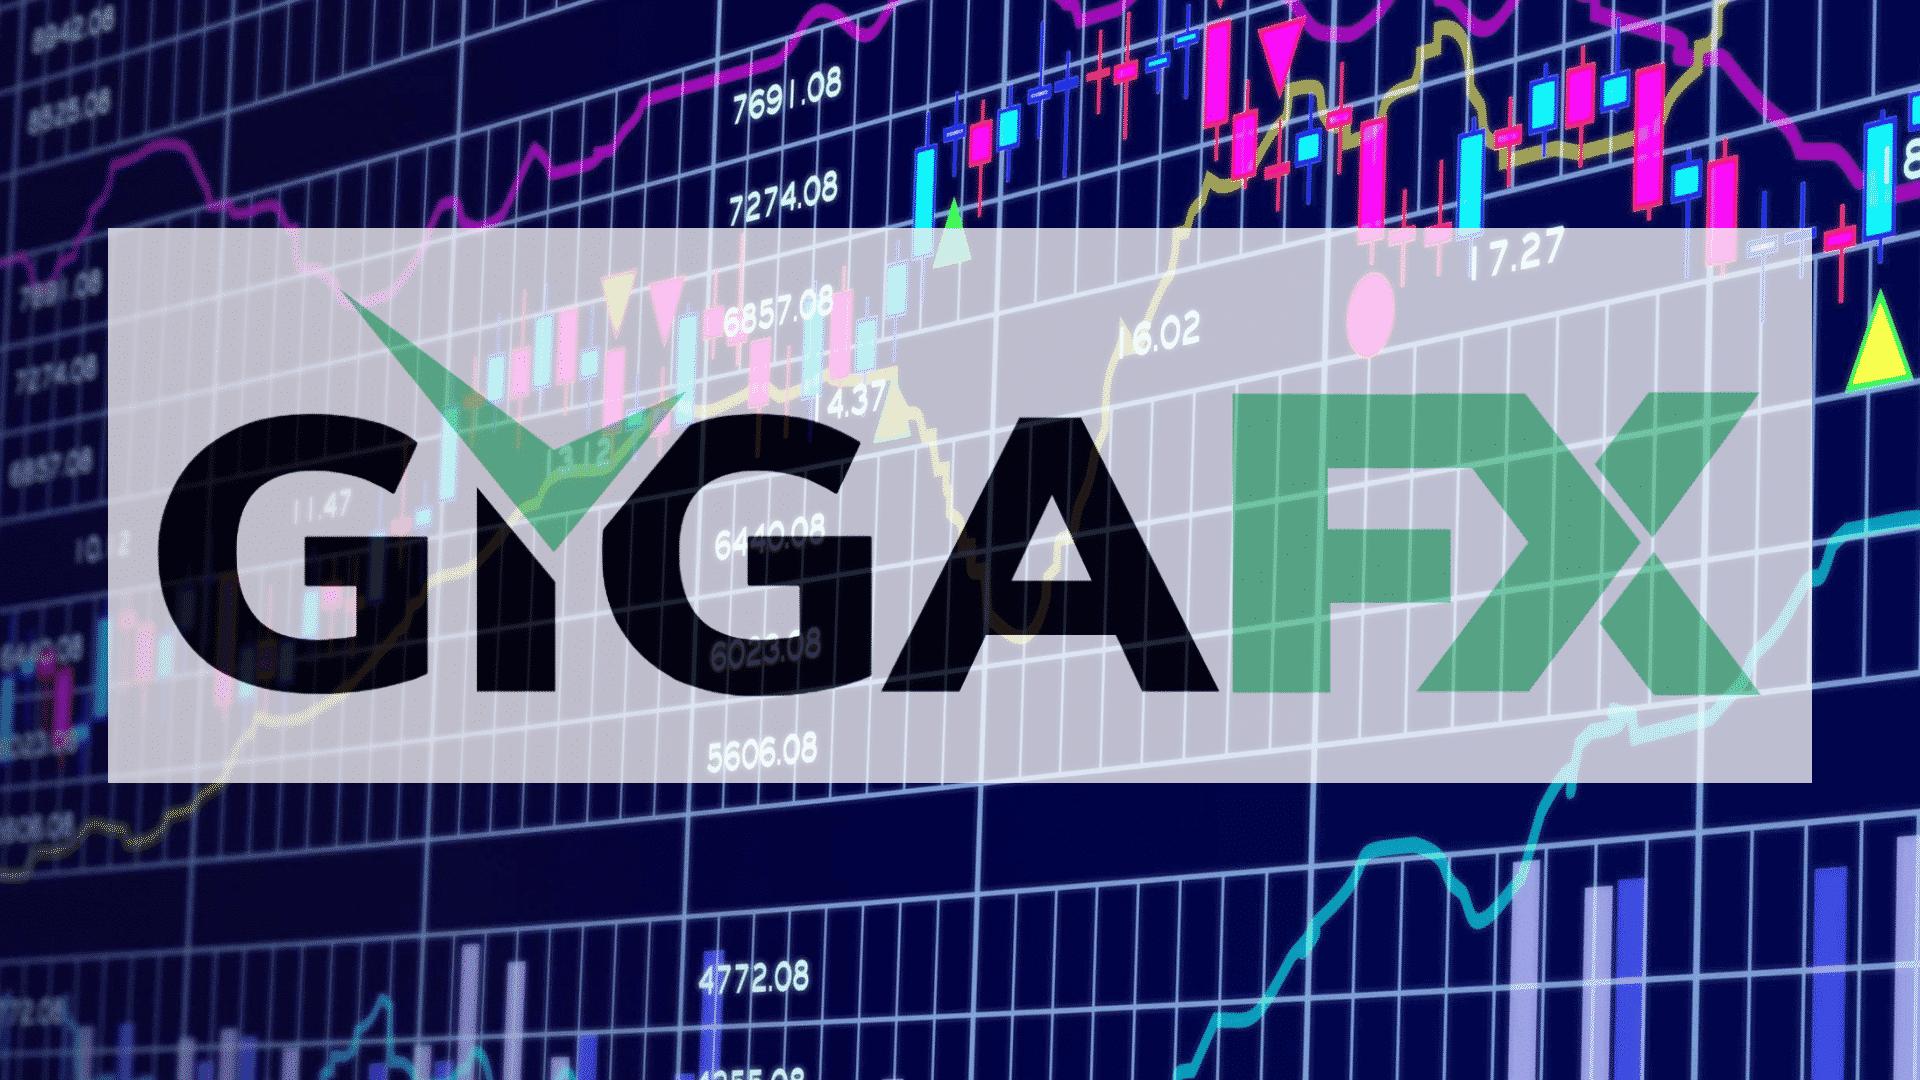 Secure Trading Platform Ends at Giga FX